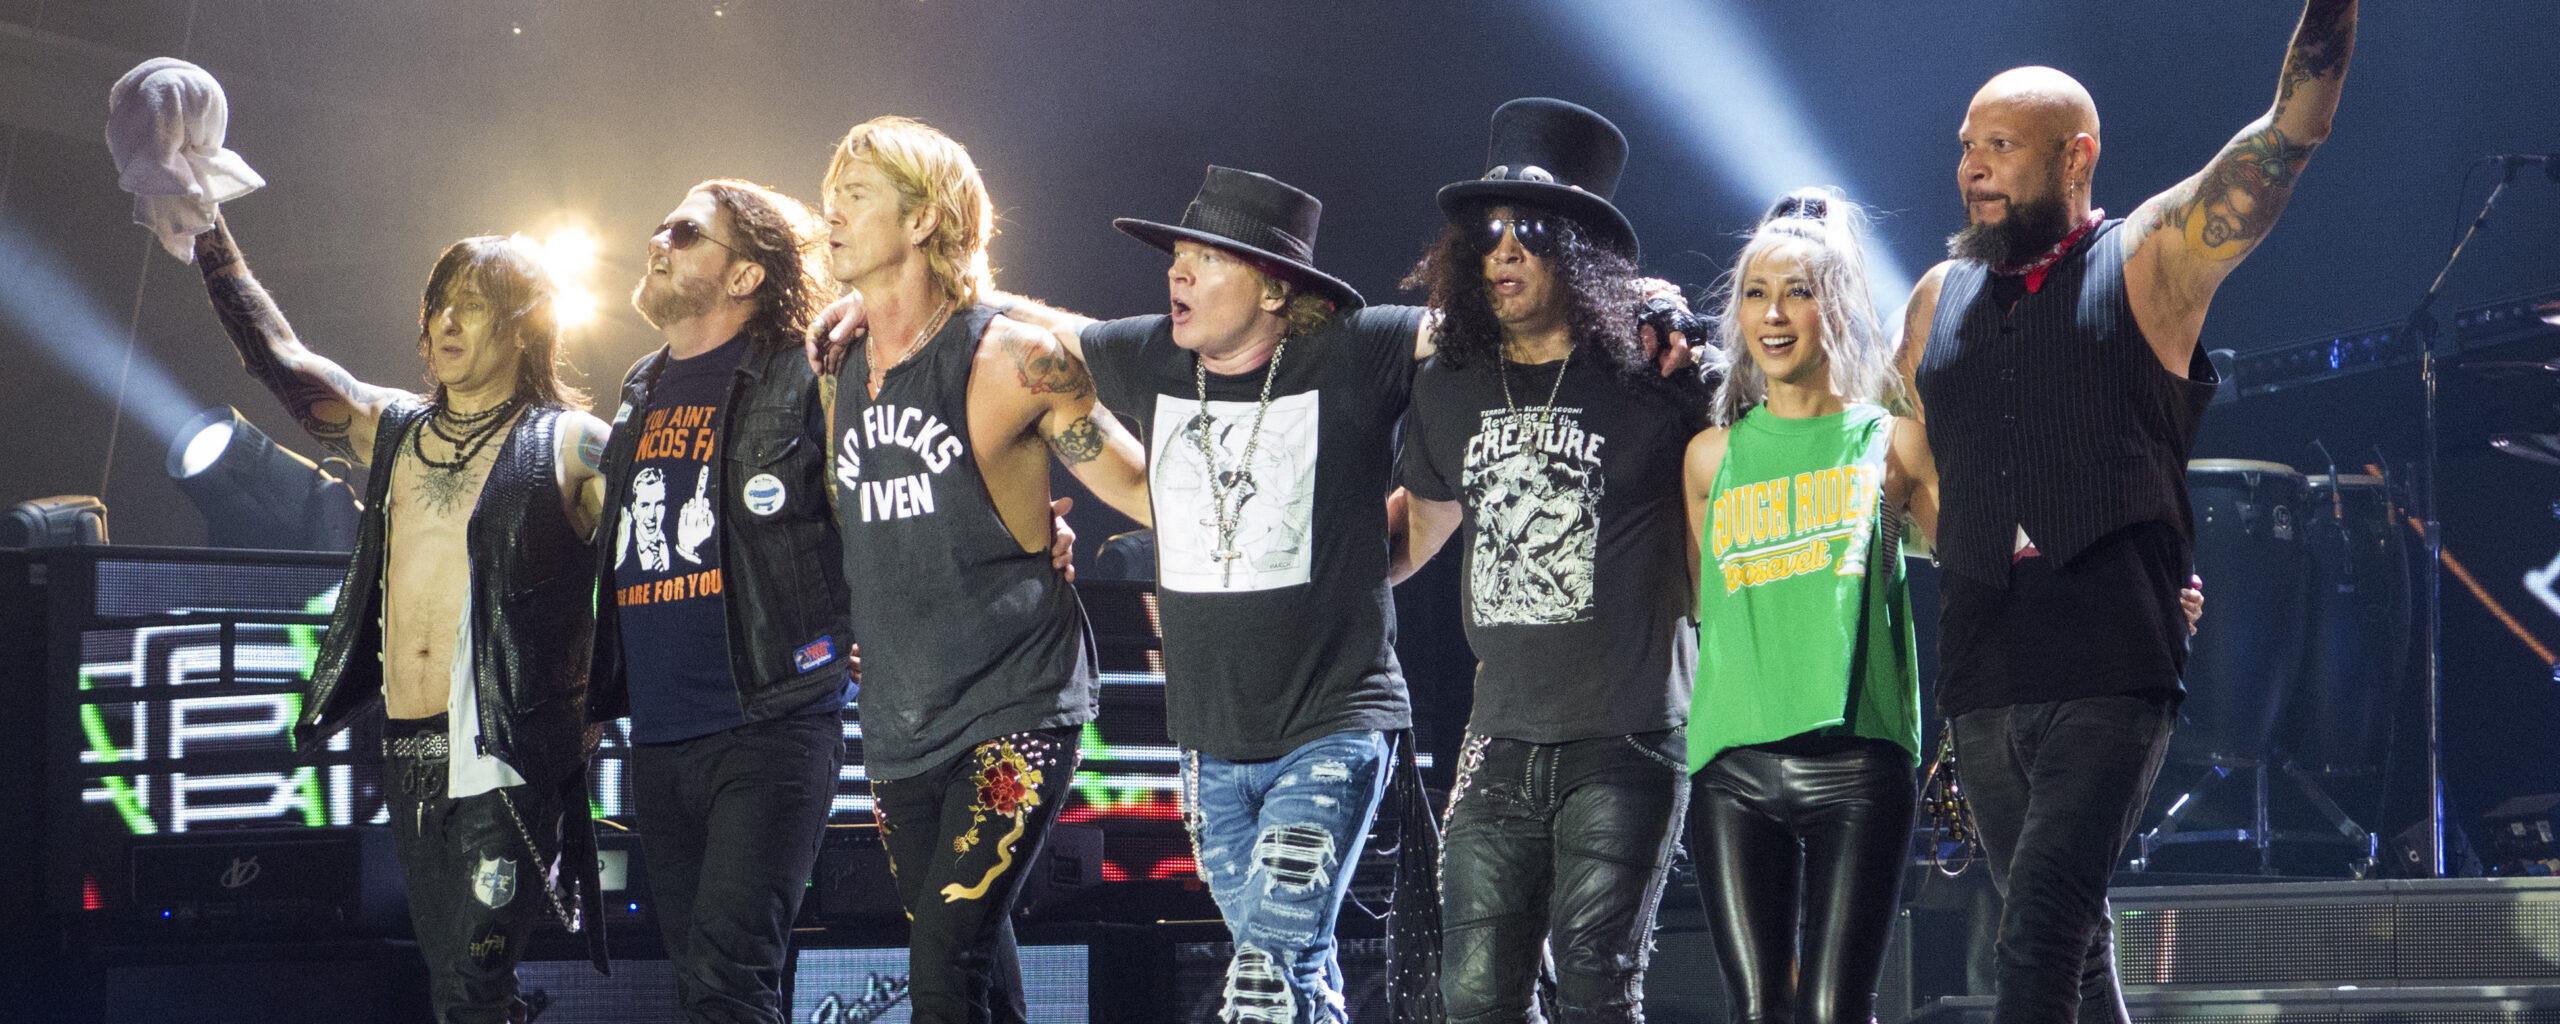 Тур на концерт Guns N' Roses в Прагу